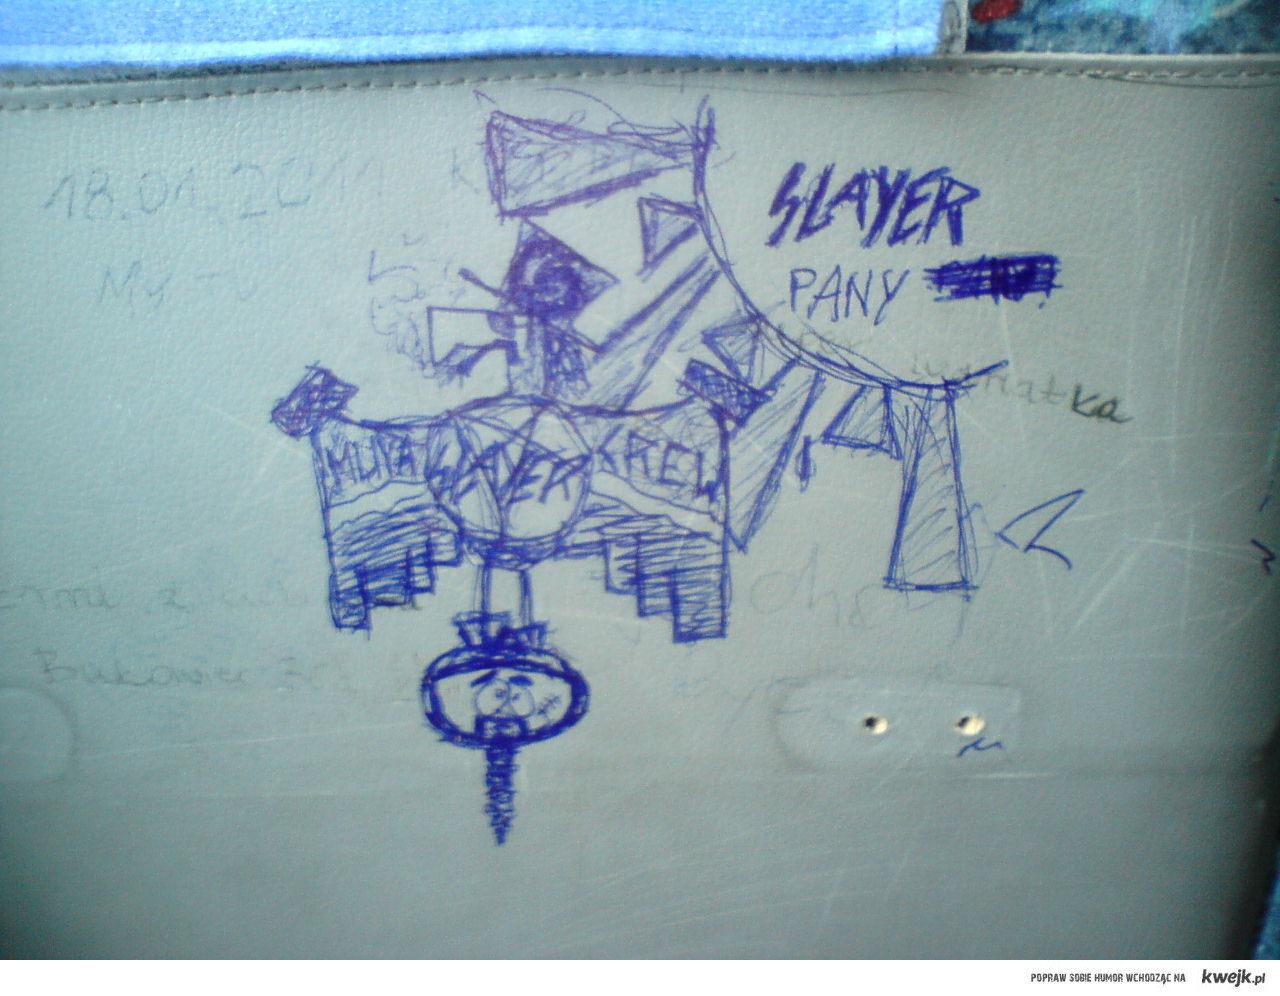 SLAYER Pany - autobus